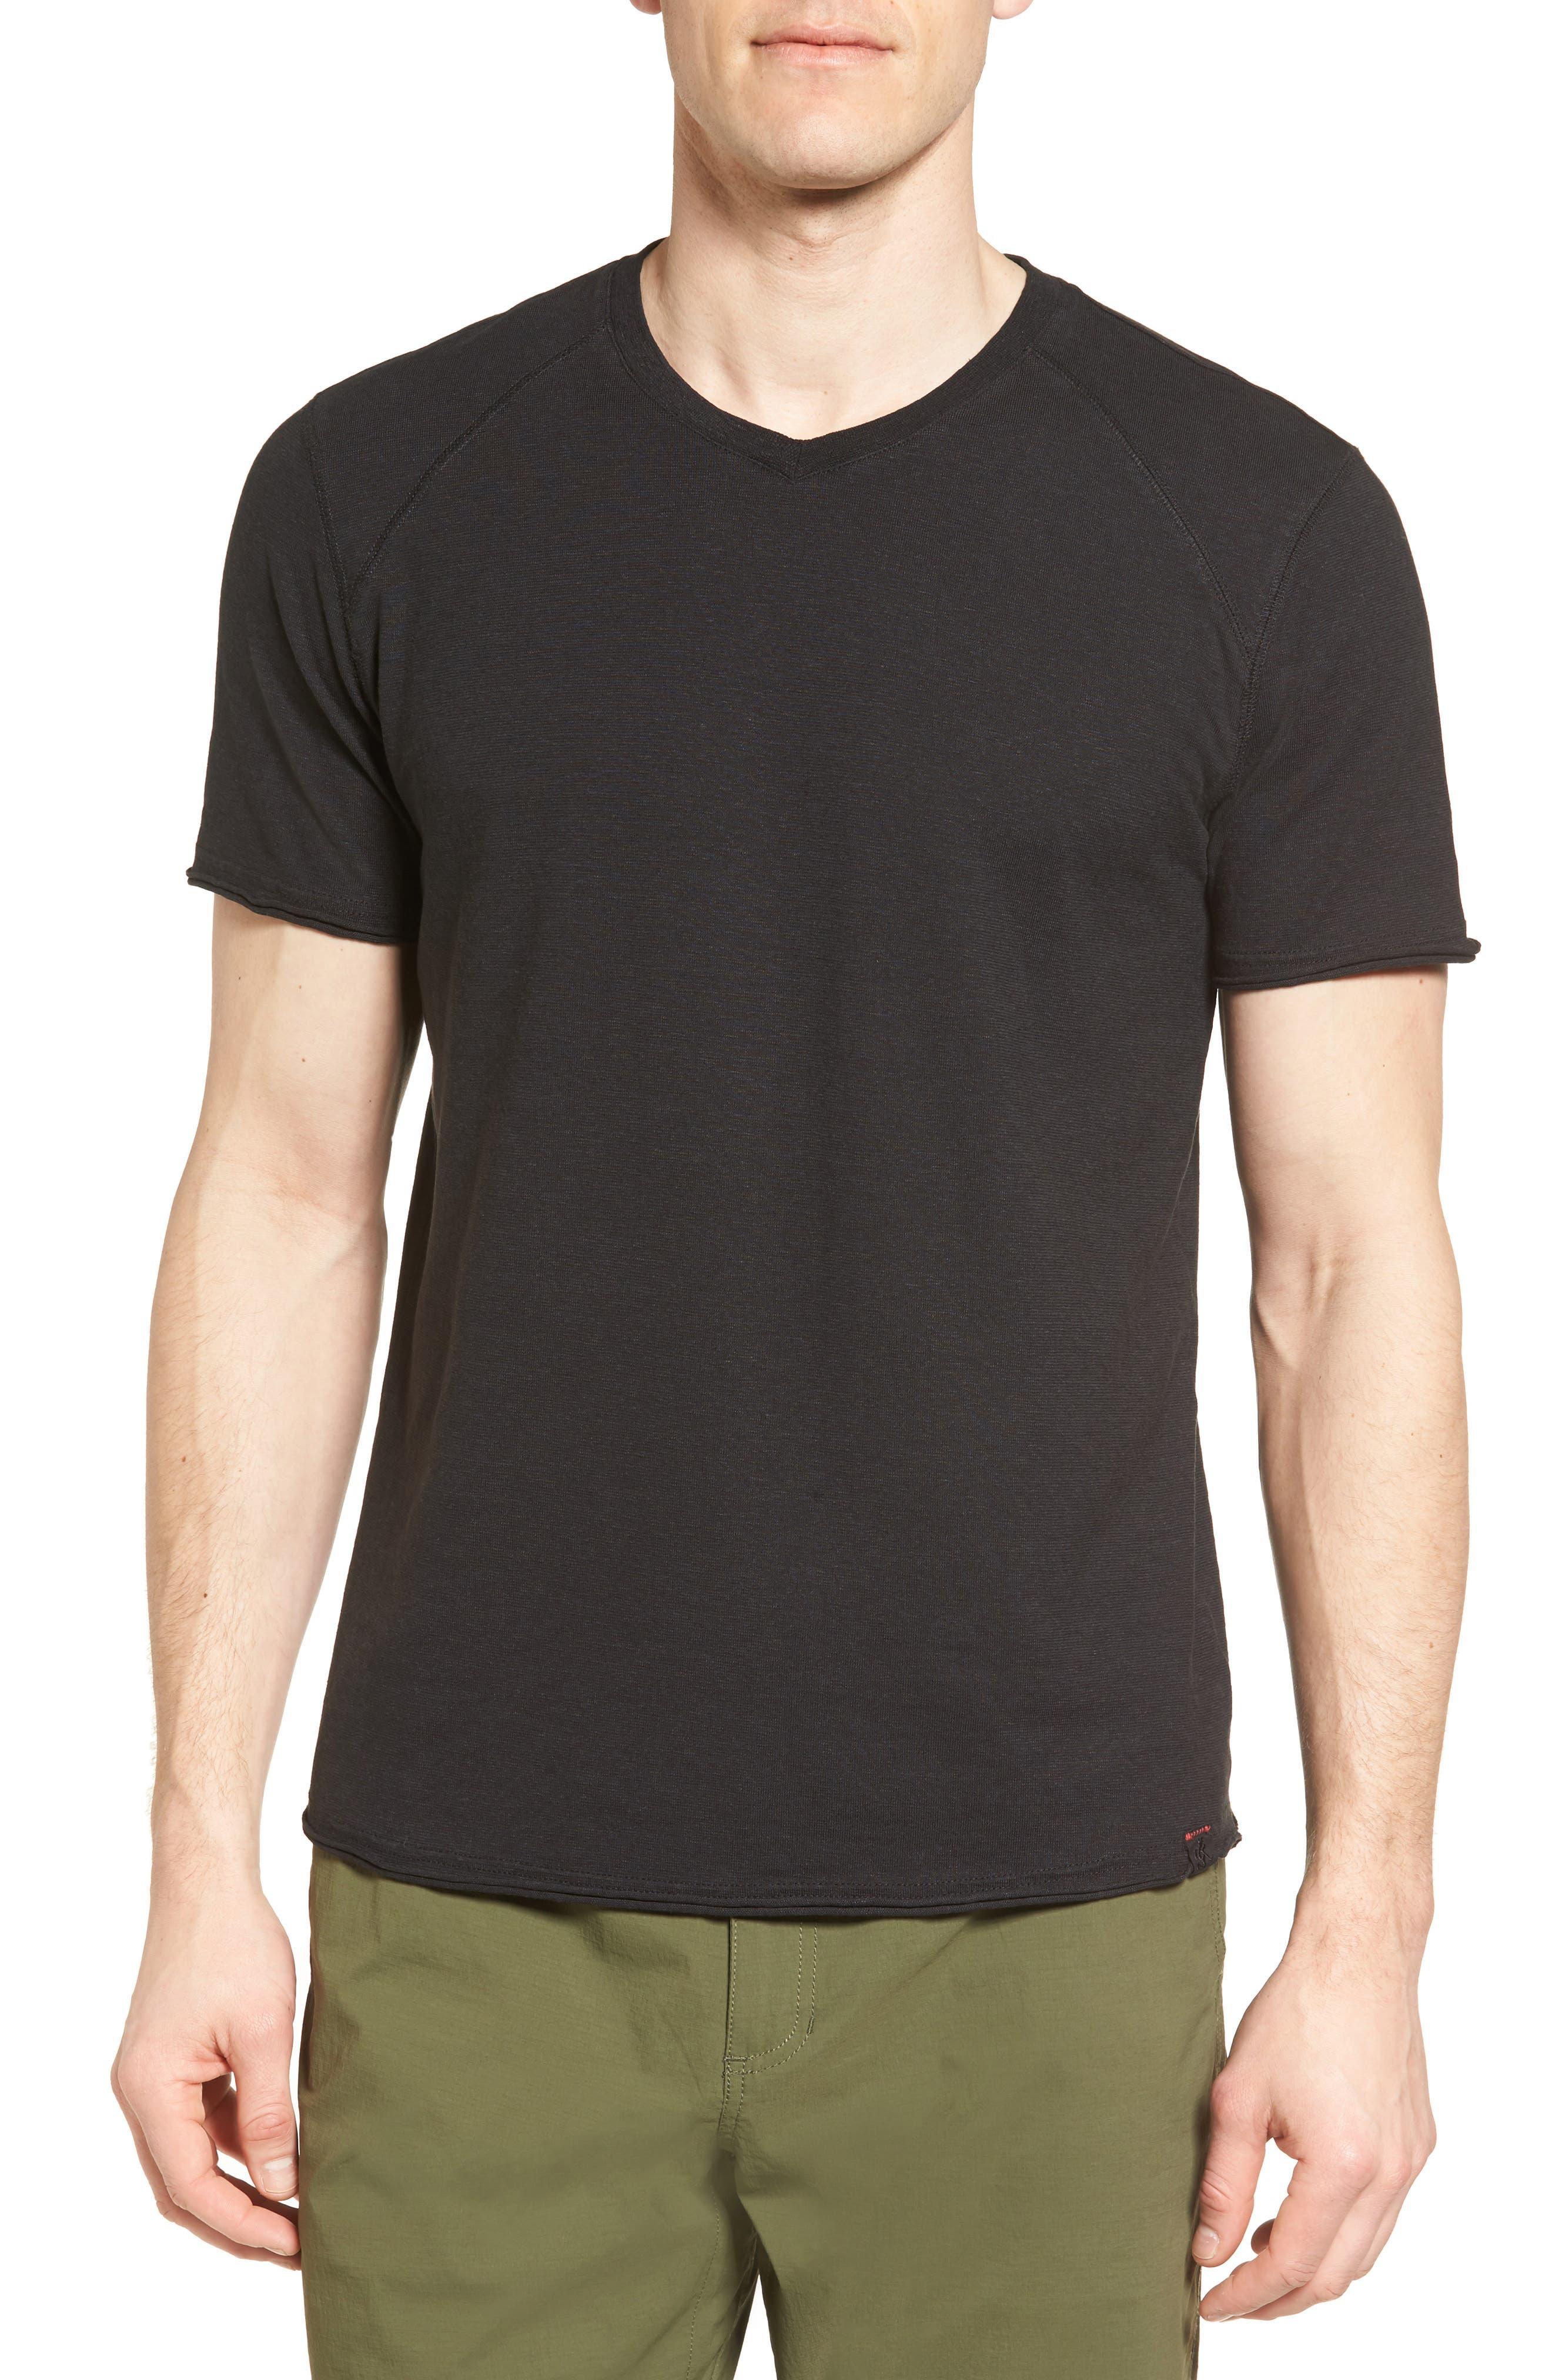 Camura T-Shirt,                         Main,                         color, 002